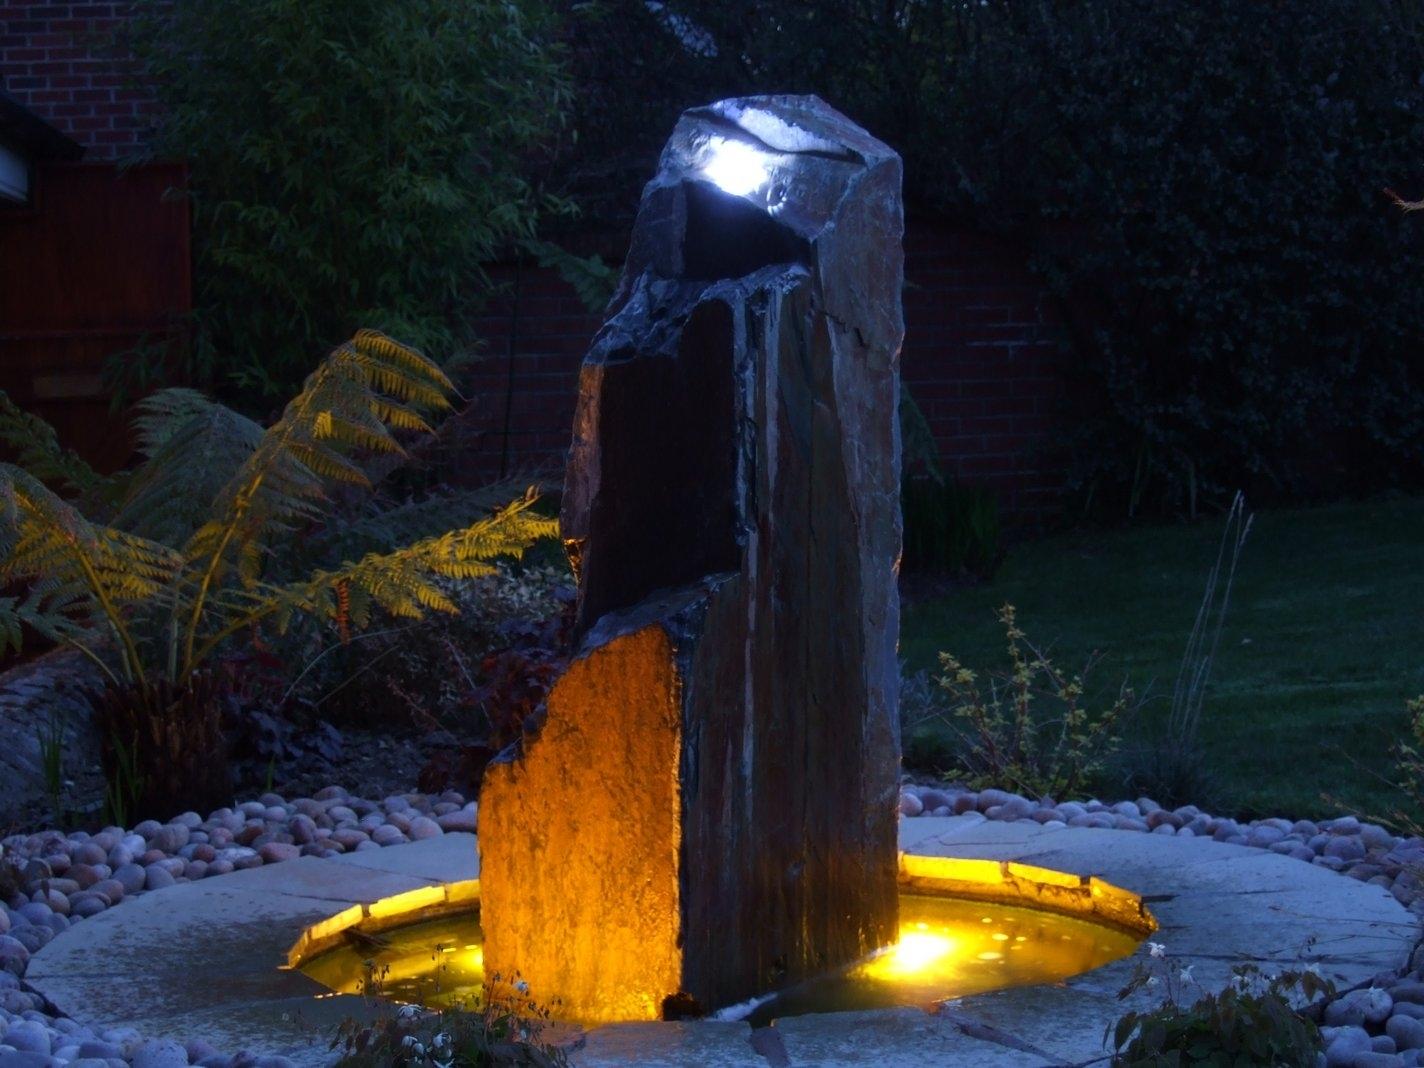 Water Features, Outdoor Lighting Gardens Dublin Ireland Within Ireland Outdoor Lighting (#15 of 15)